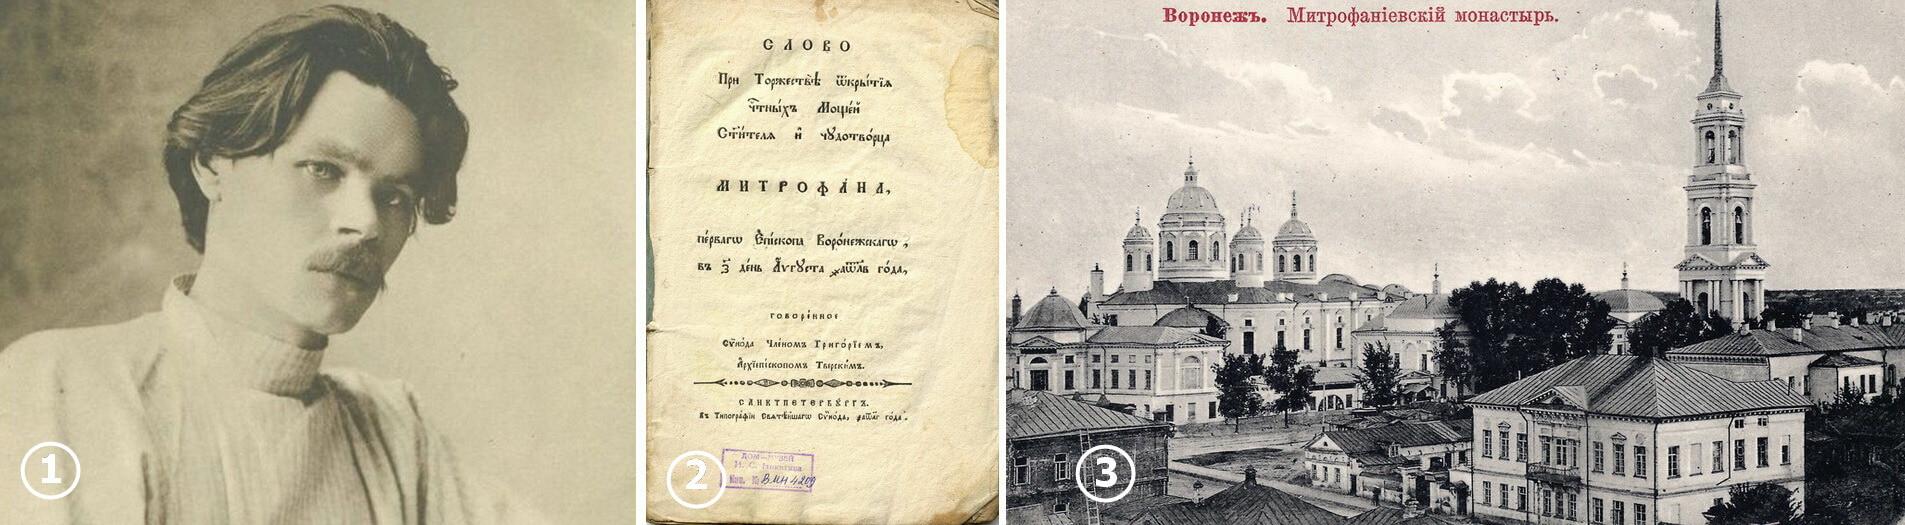 Митрофаниевский-монастырь